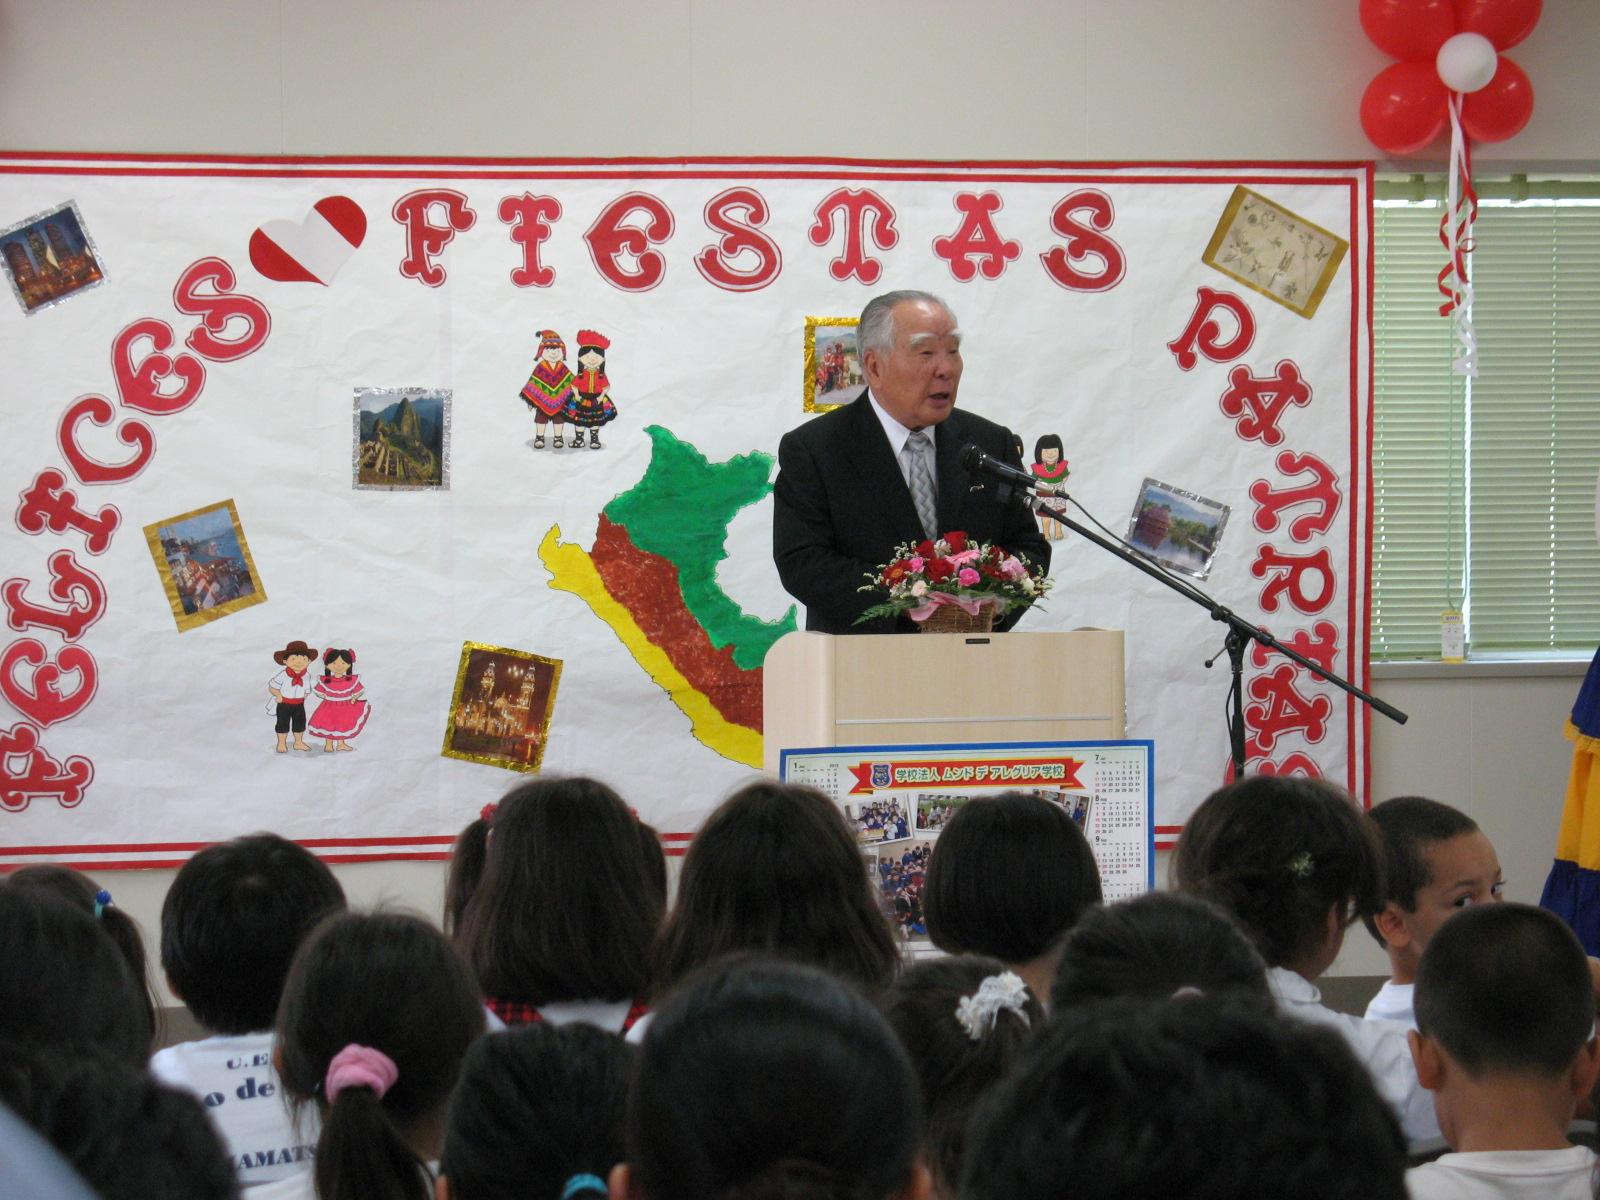 http://www.mundodealegria.org/images/IMG_7860.jpg